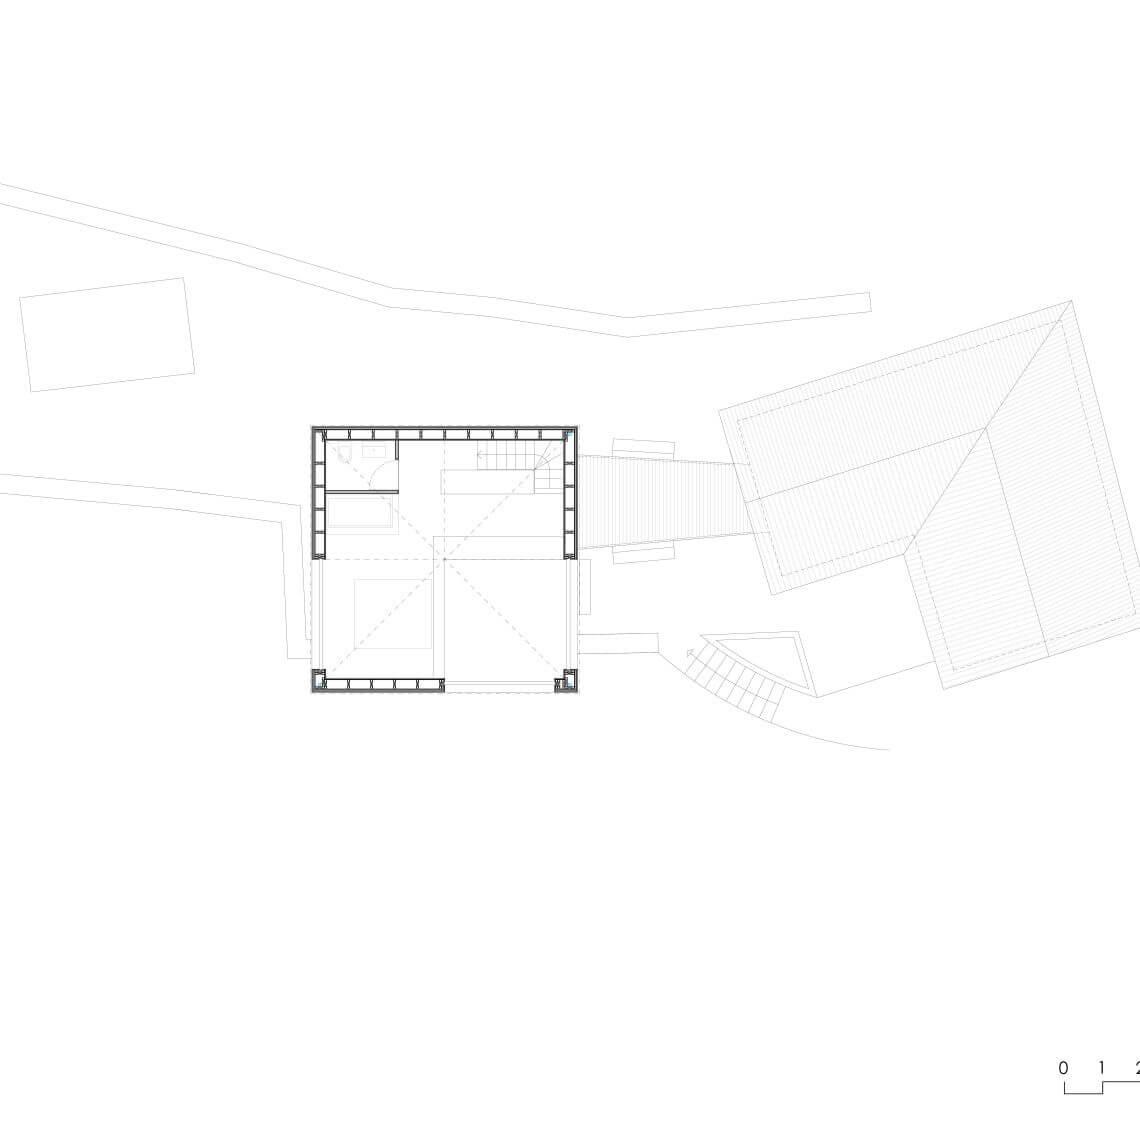 Swisshouse XXXV